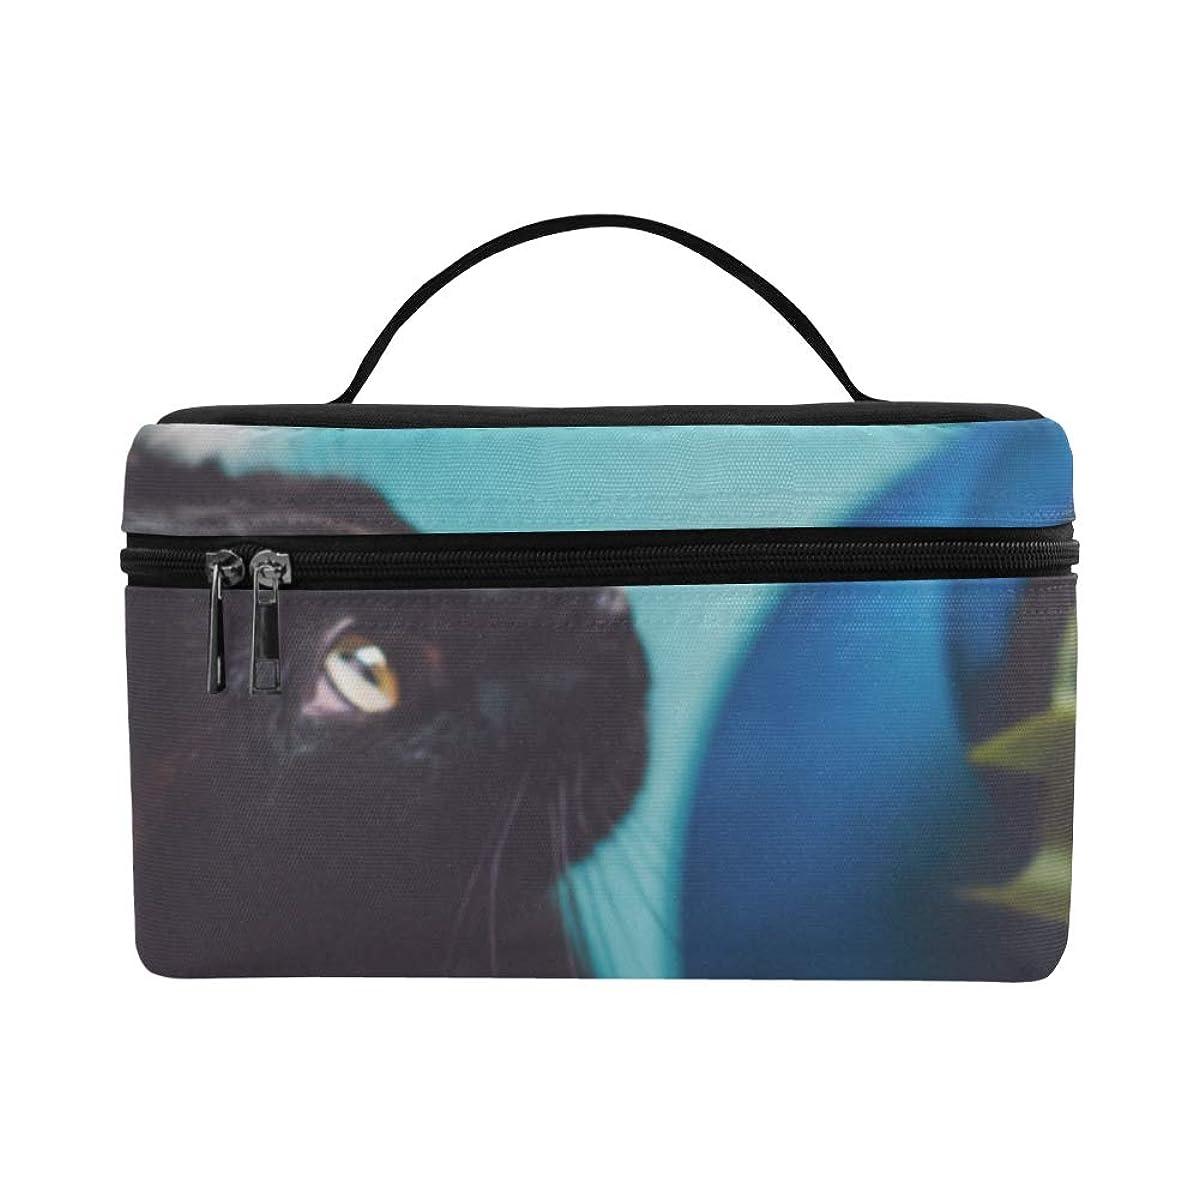 ユーモア浮くラオス人TELSG メイクボックス 猫 チューリップ コスメ収納 化粧品収納ケース 大容量 収納ボックス 化粧品入れ 化粧バッグ 旅行用 メイクブラシバッグ 化粧箱 持ち運び便利 プロ用